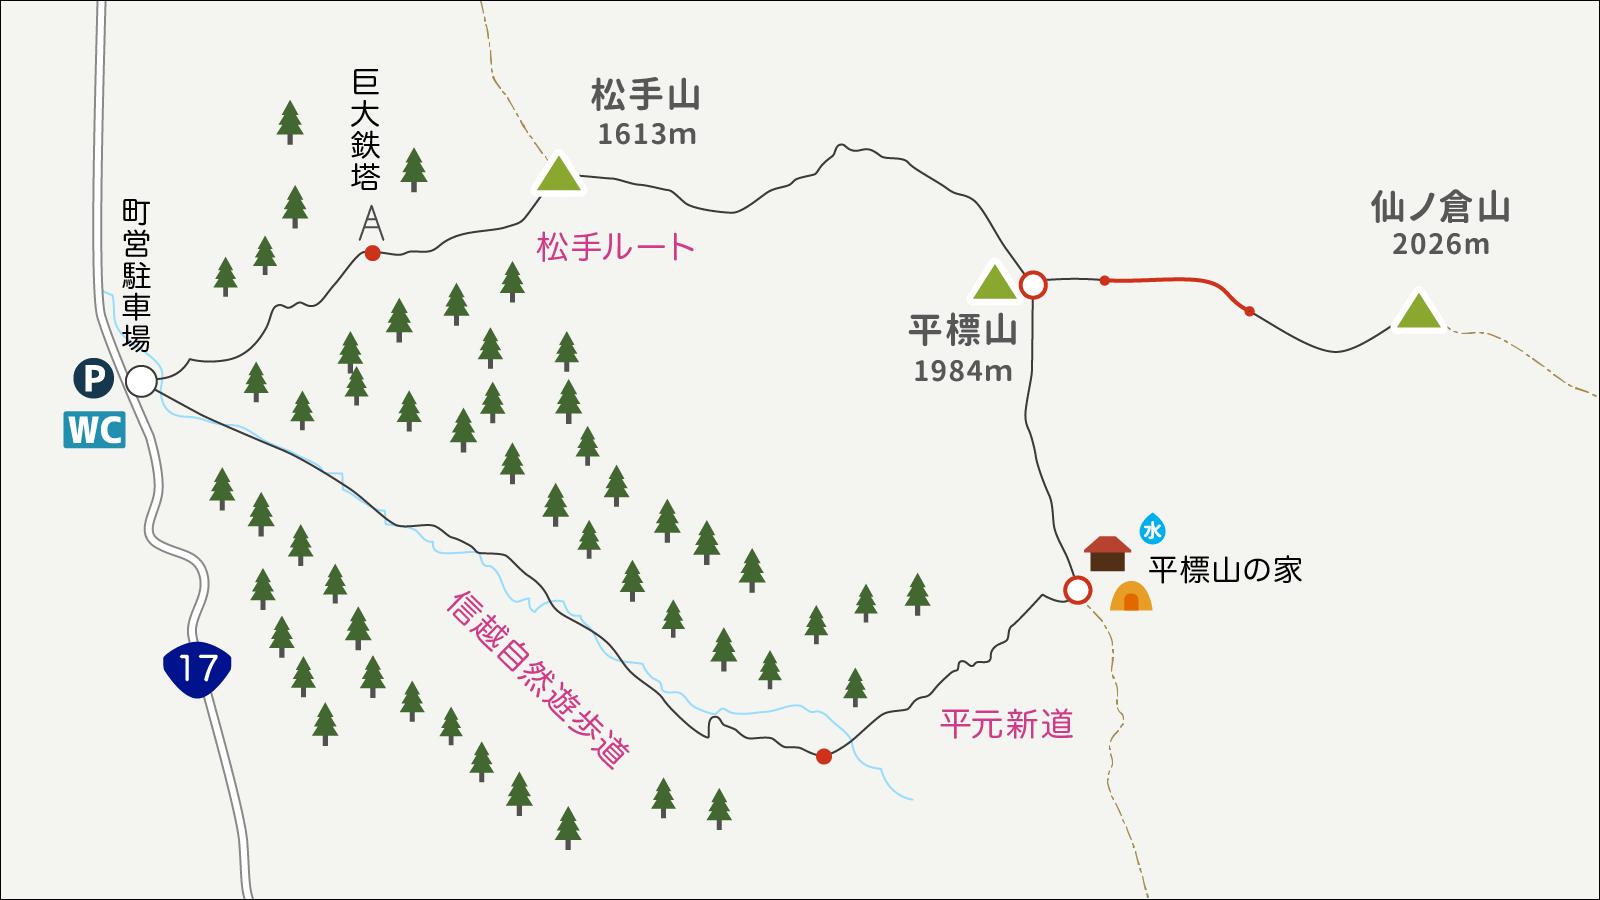 平標山から仙ノ倉山までのイラストマップ2